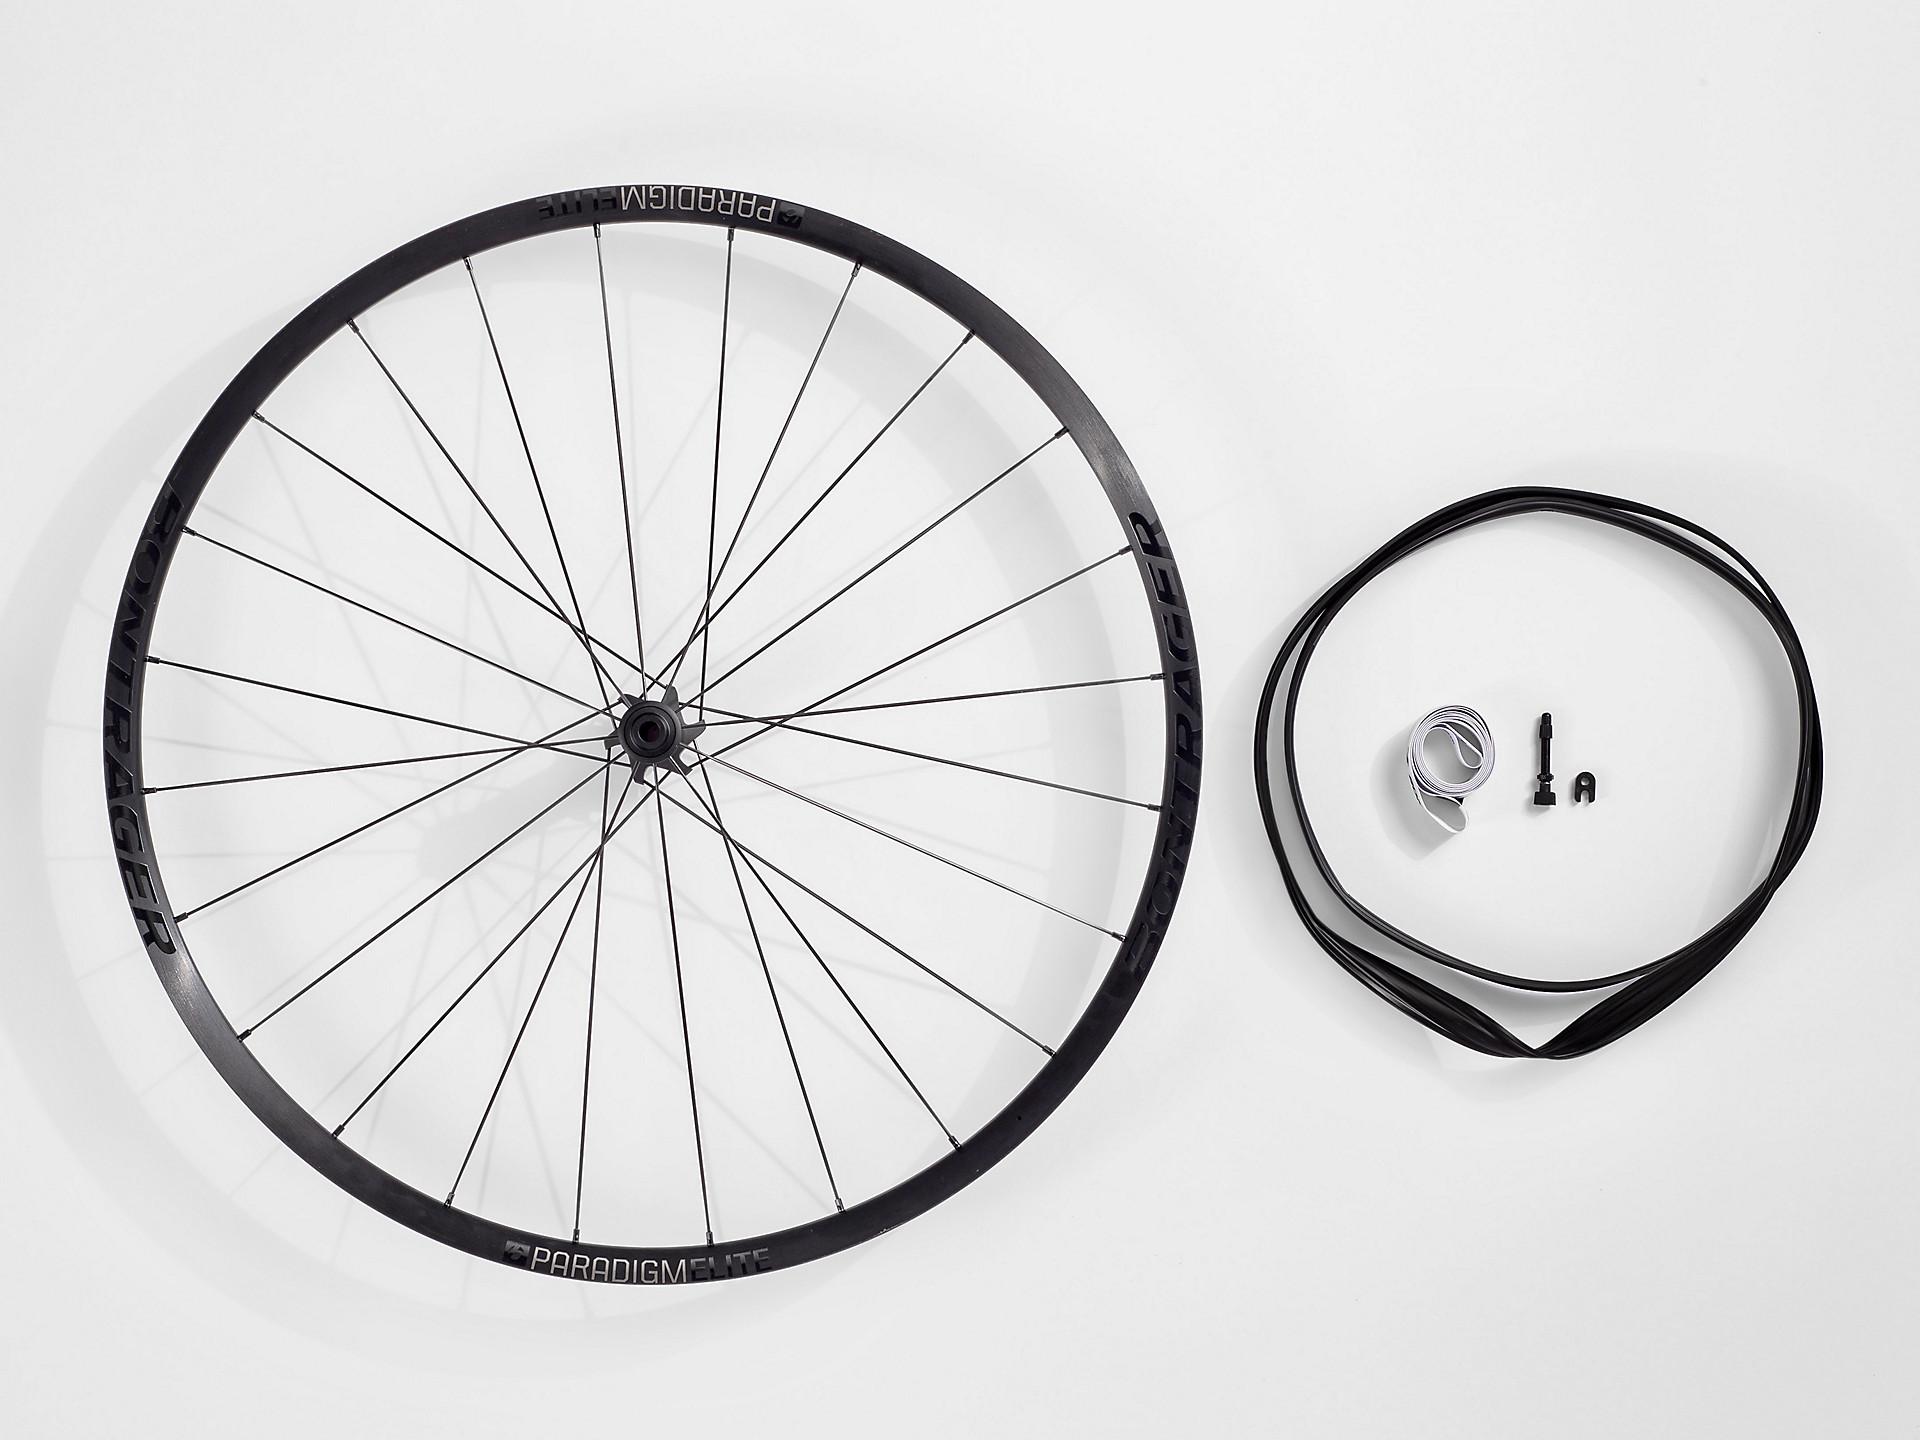 Bontrager Paradigm Elite TLR Disc Road Wheel set